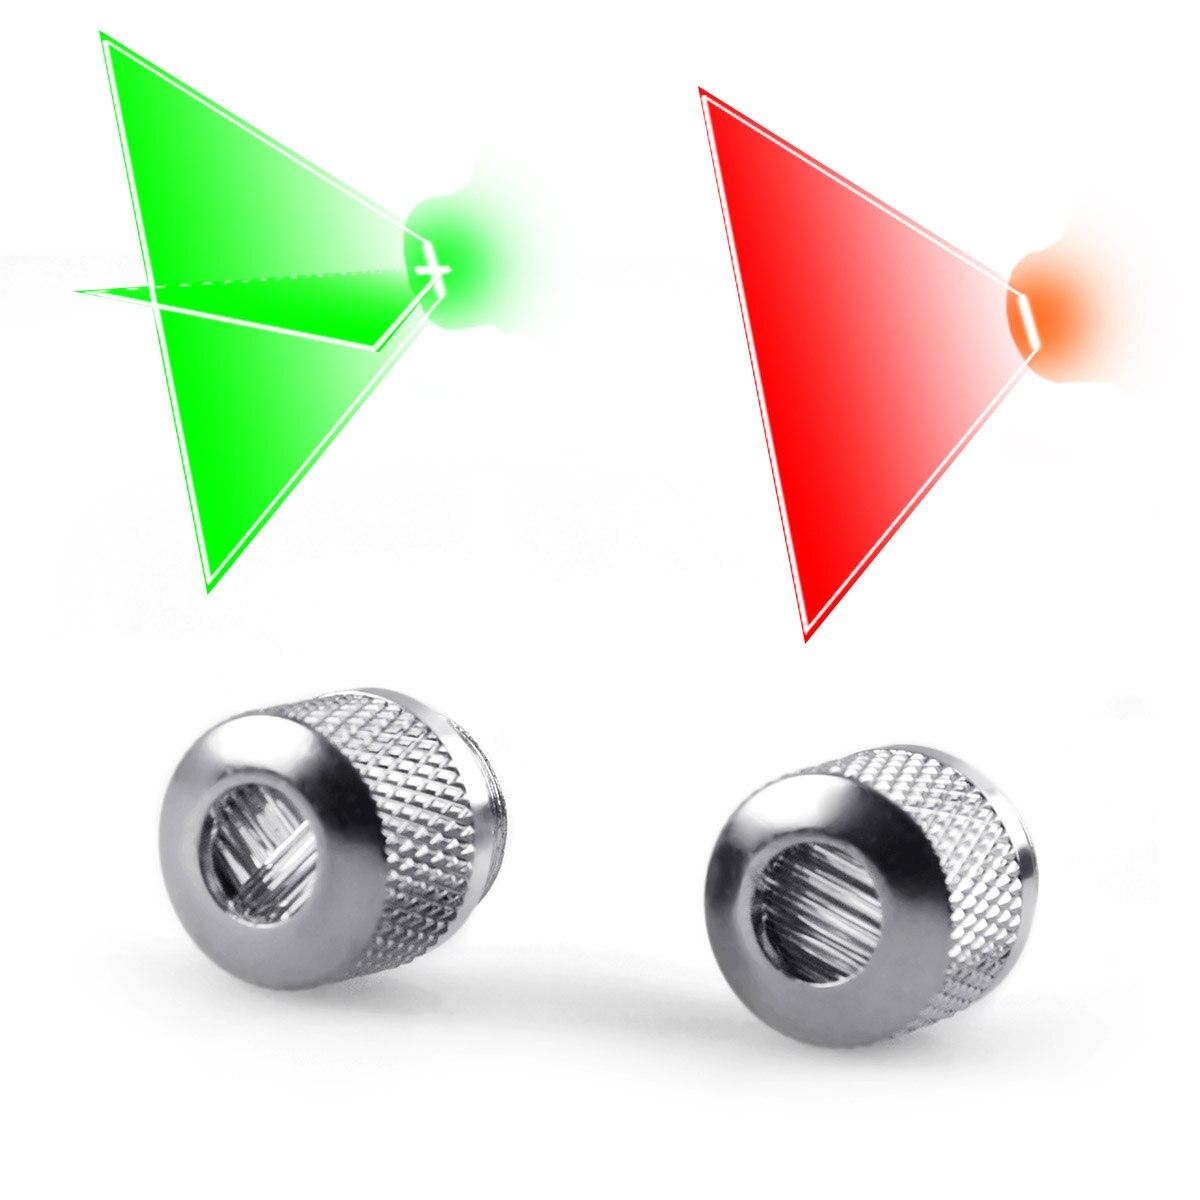 קו קרן/צלב קרן ראש כובע עבור לייזר מצביעי לייזר רמת (כסף)